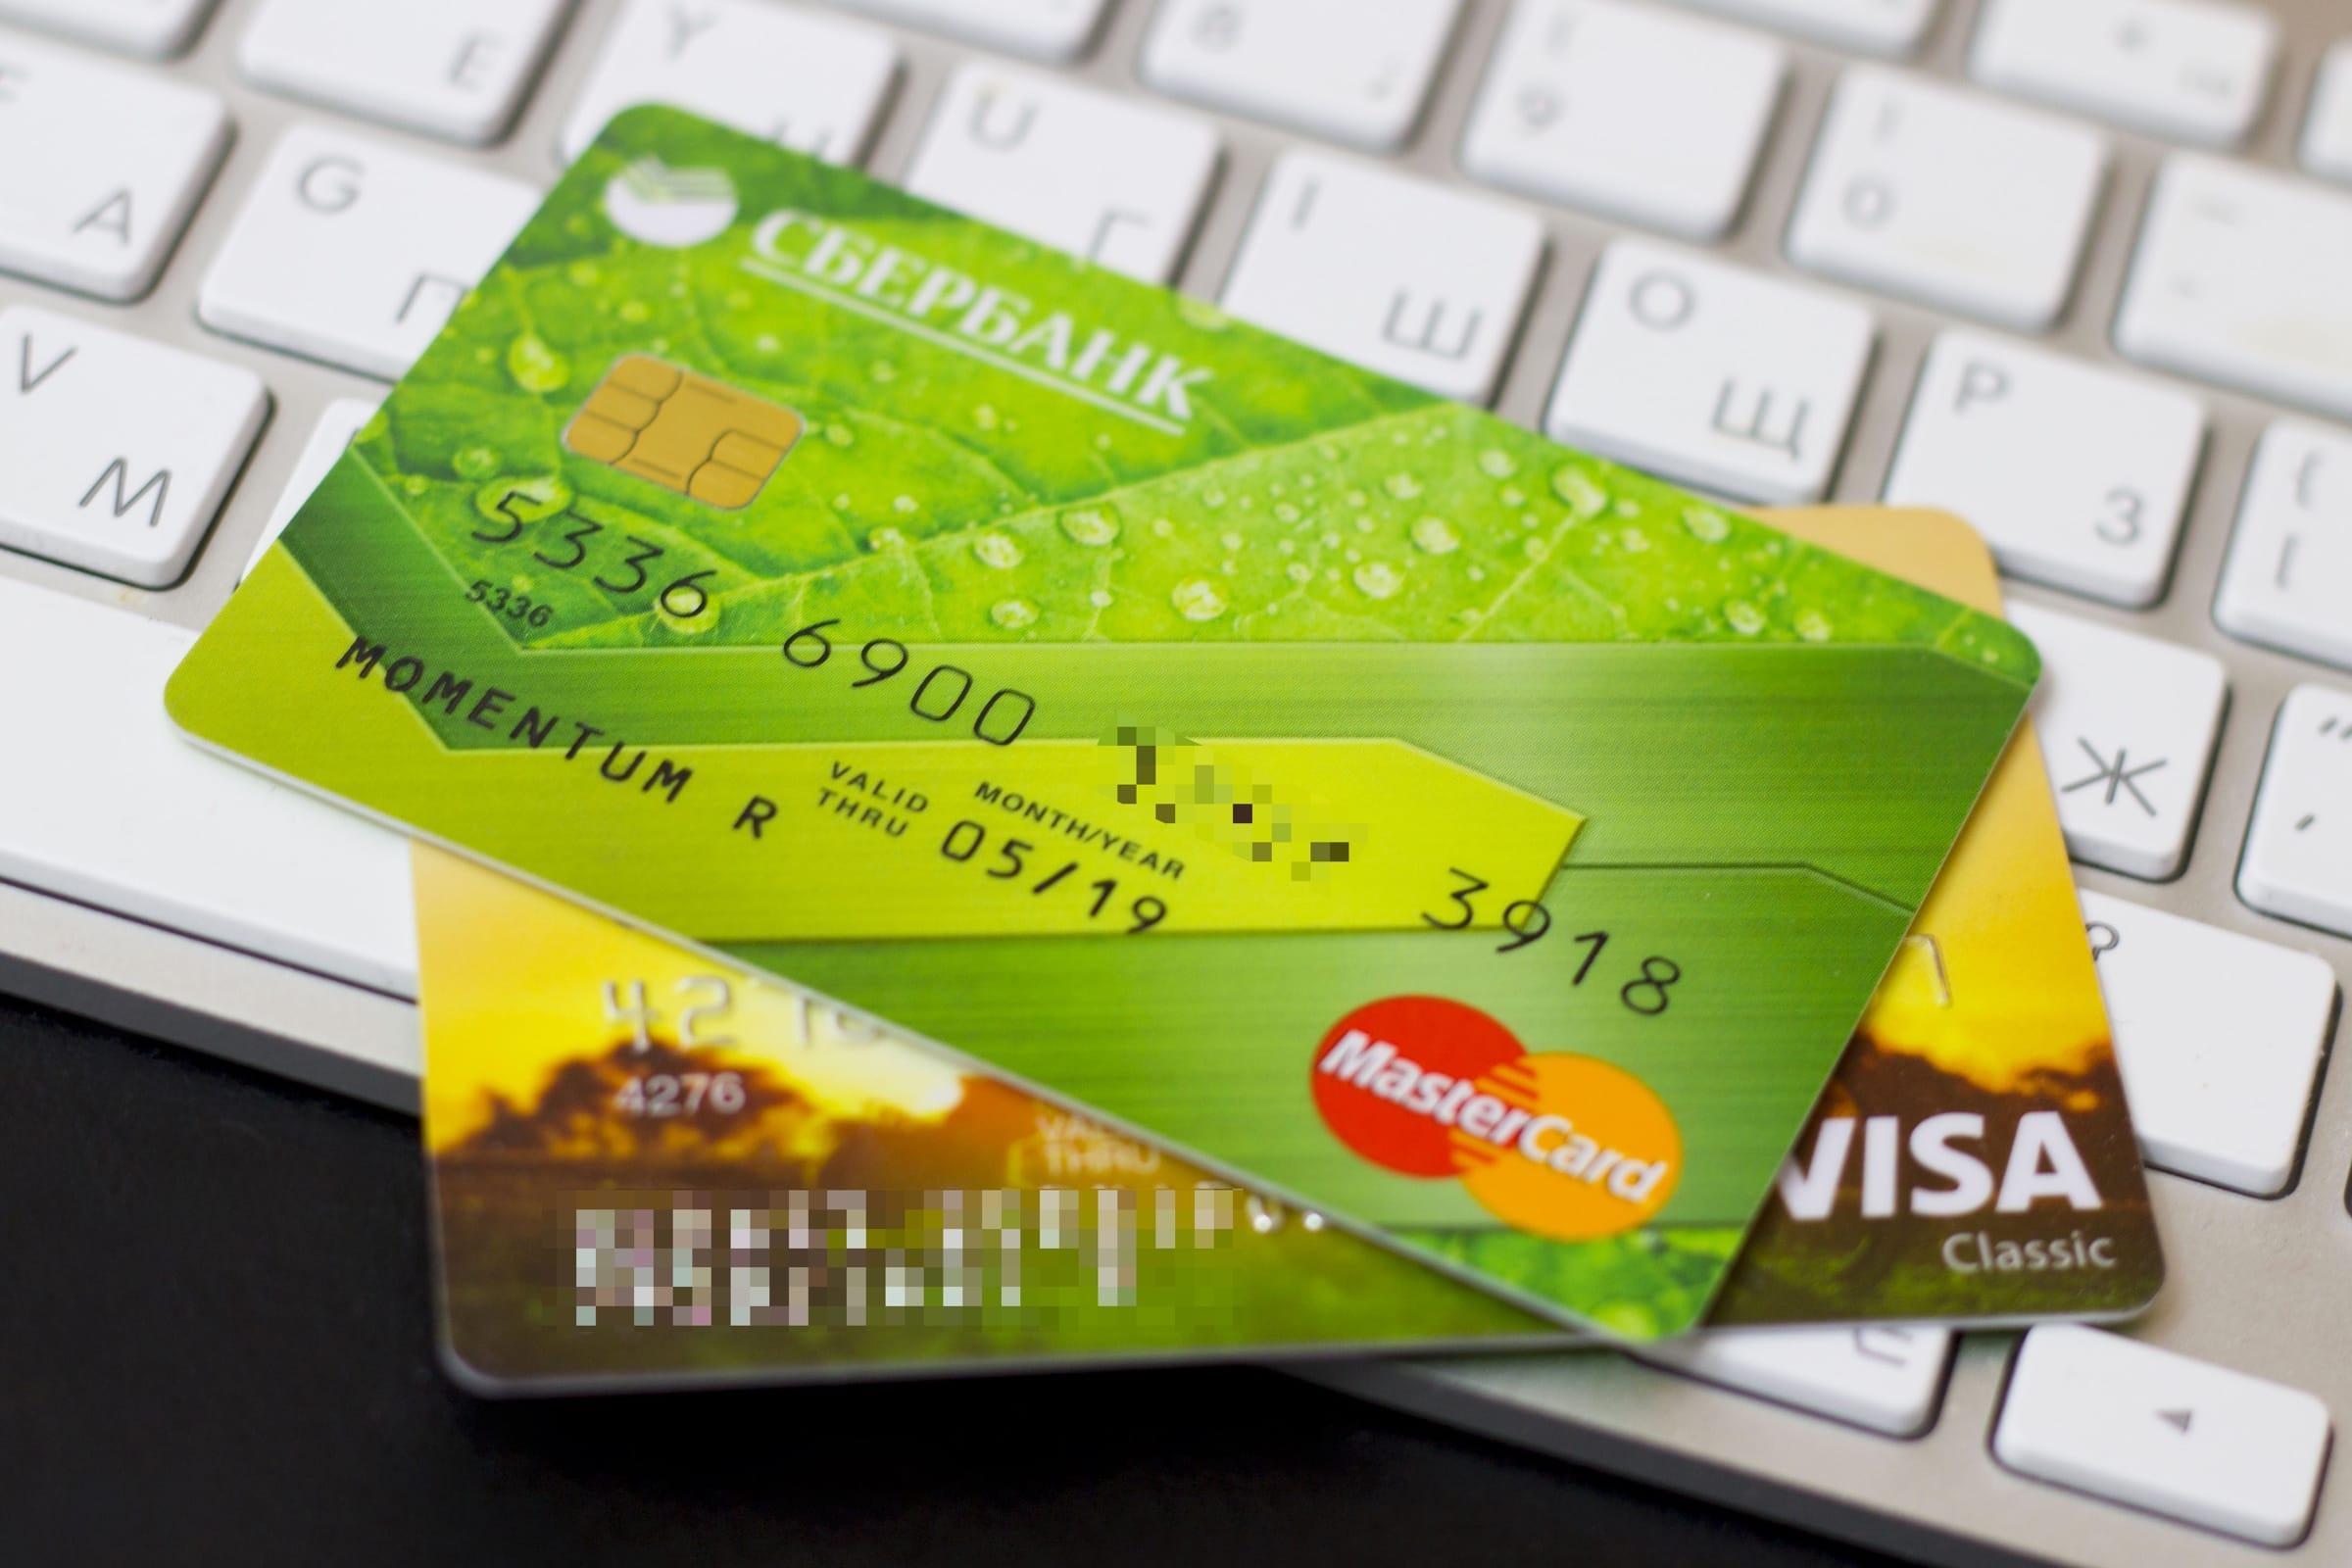 Автокредит в Сбербанке в 2017 году, условия, процентные ставки